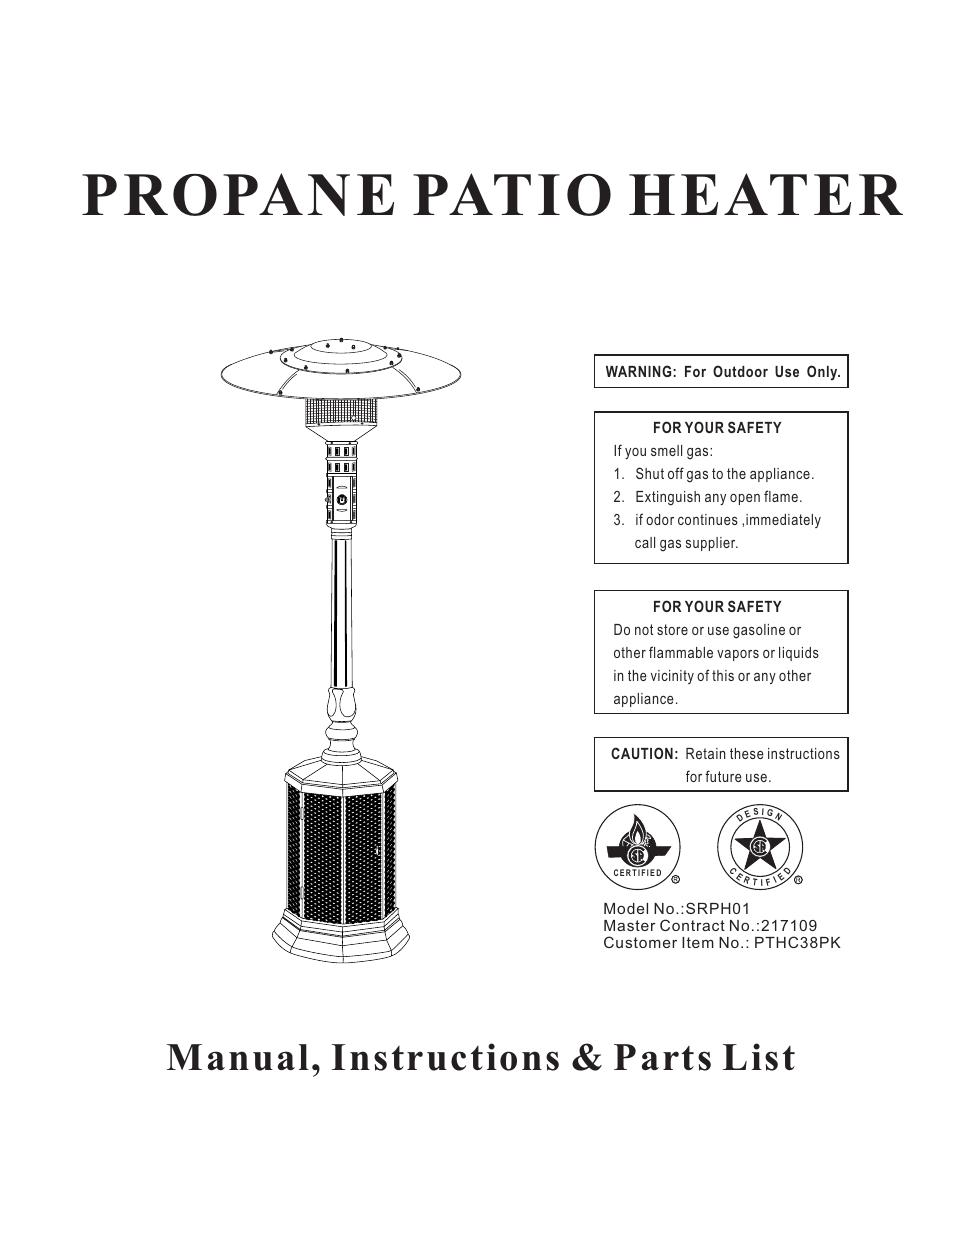 napoleon grills propane patio heater